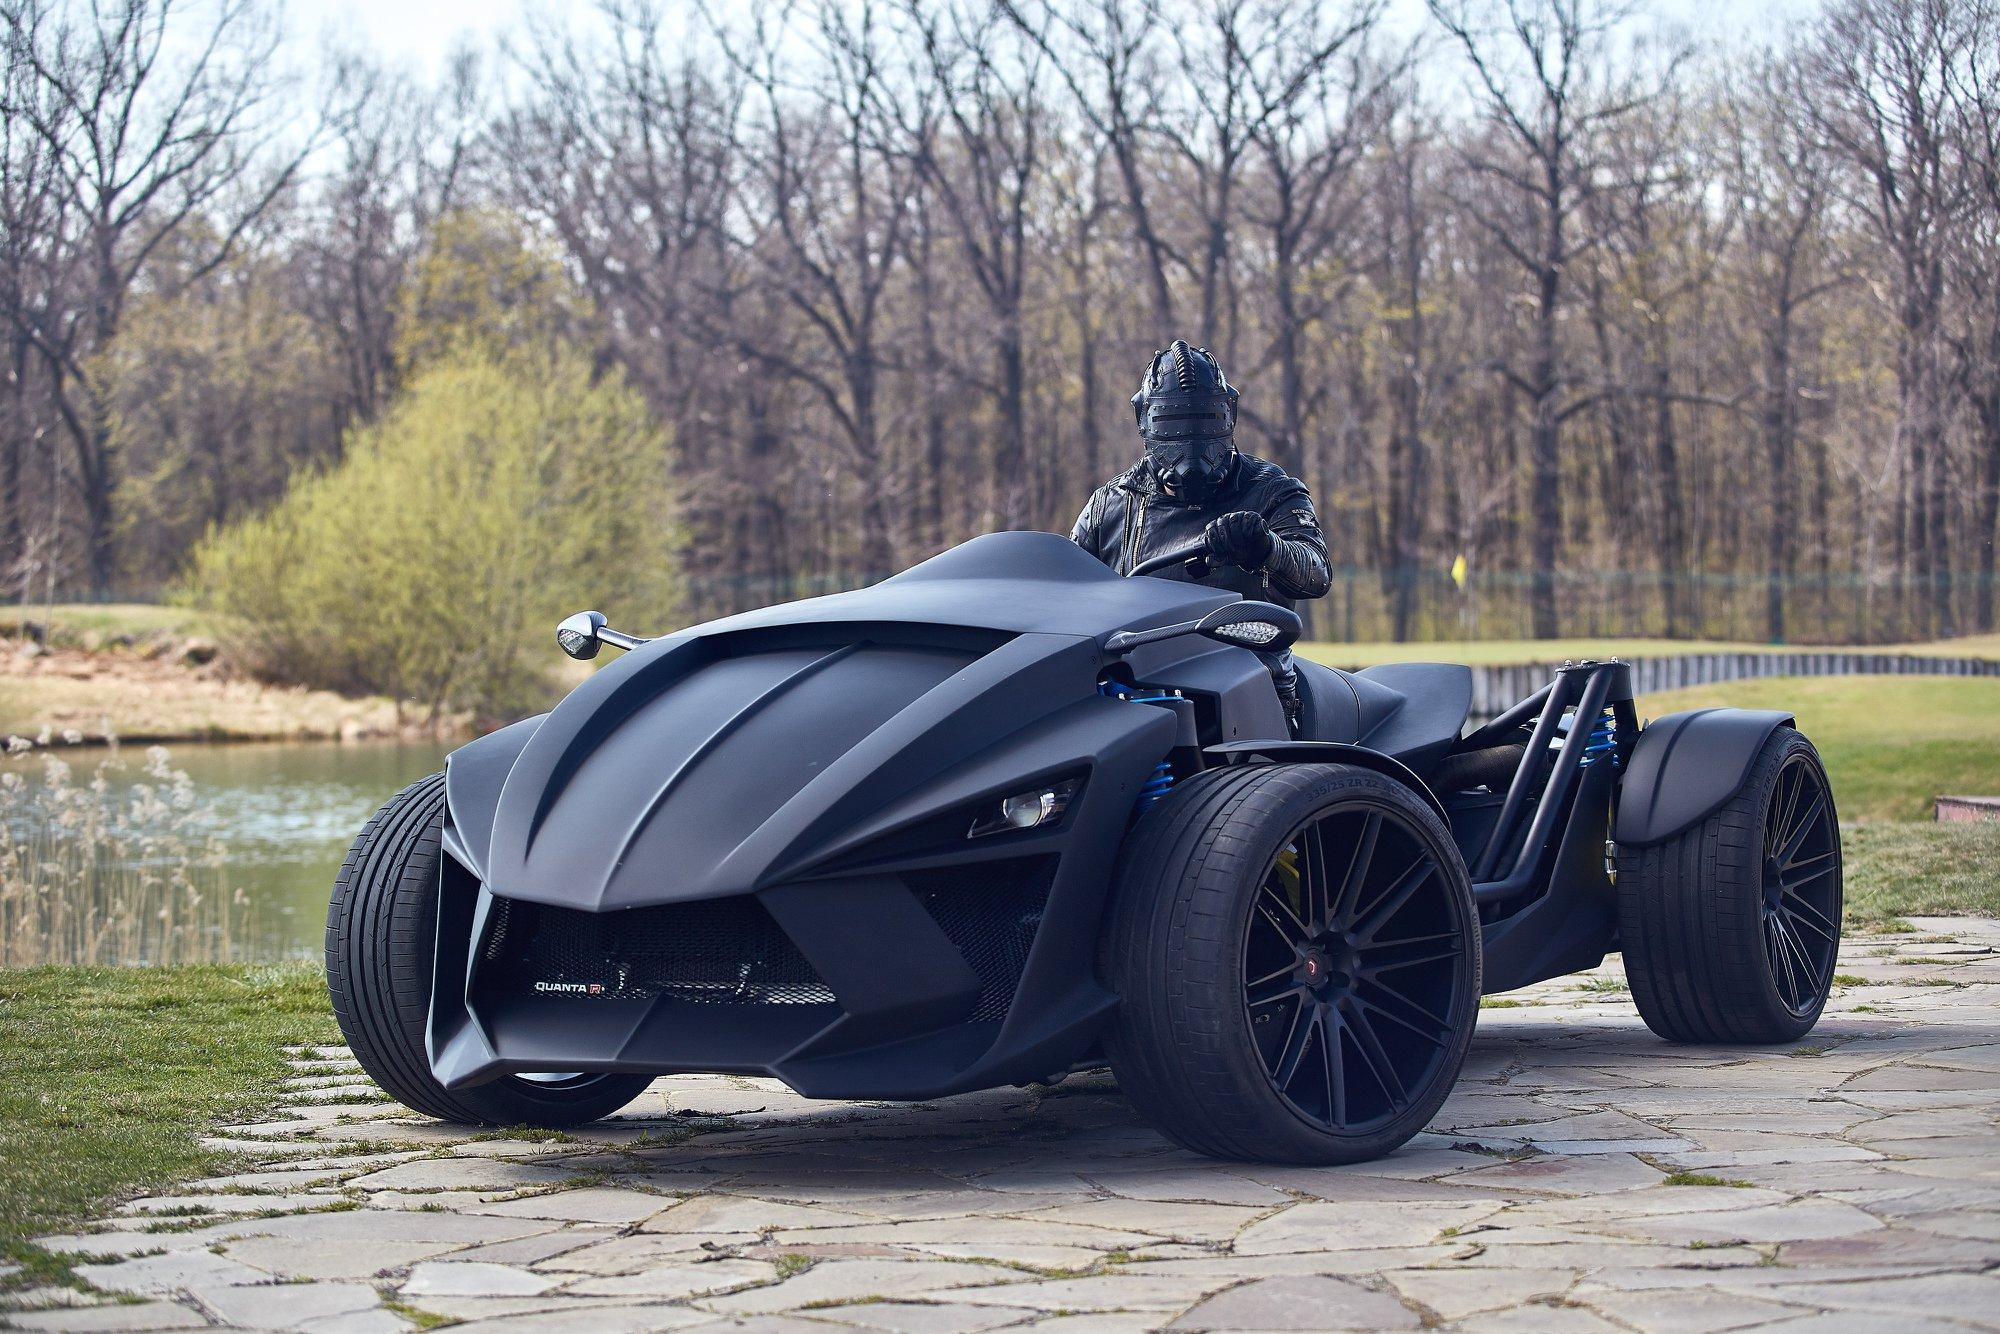 В Украине построили невиданный миру концепт-кар с разгоном гиперкара (фото)